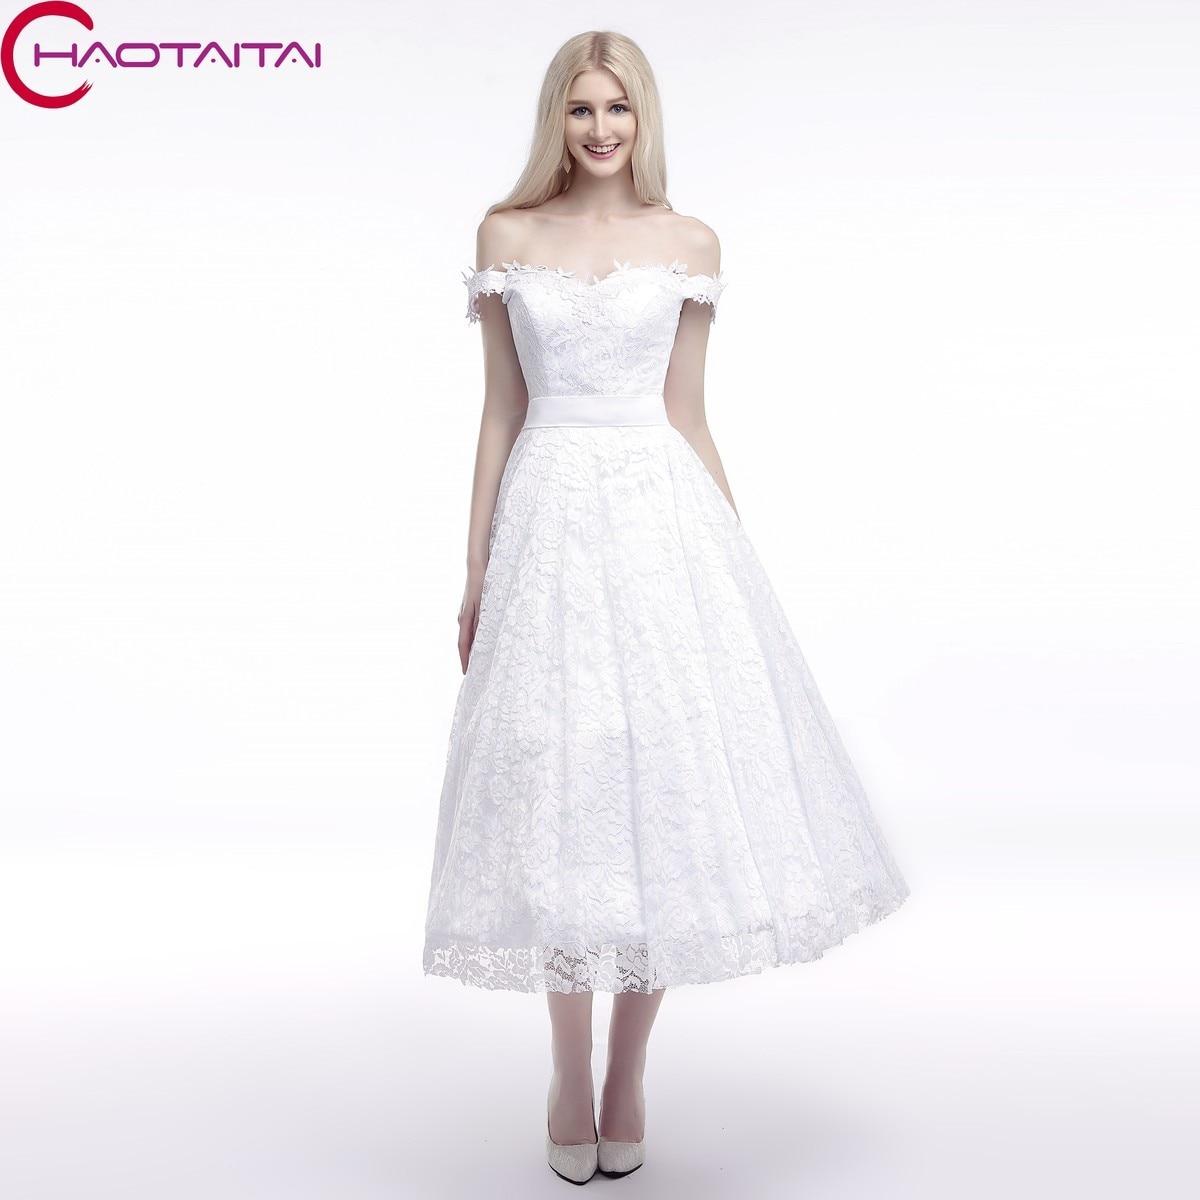 Nett Vintage Hochzeitskleid Billig Fotos - Brautkleider Ideen ...